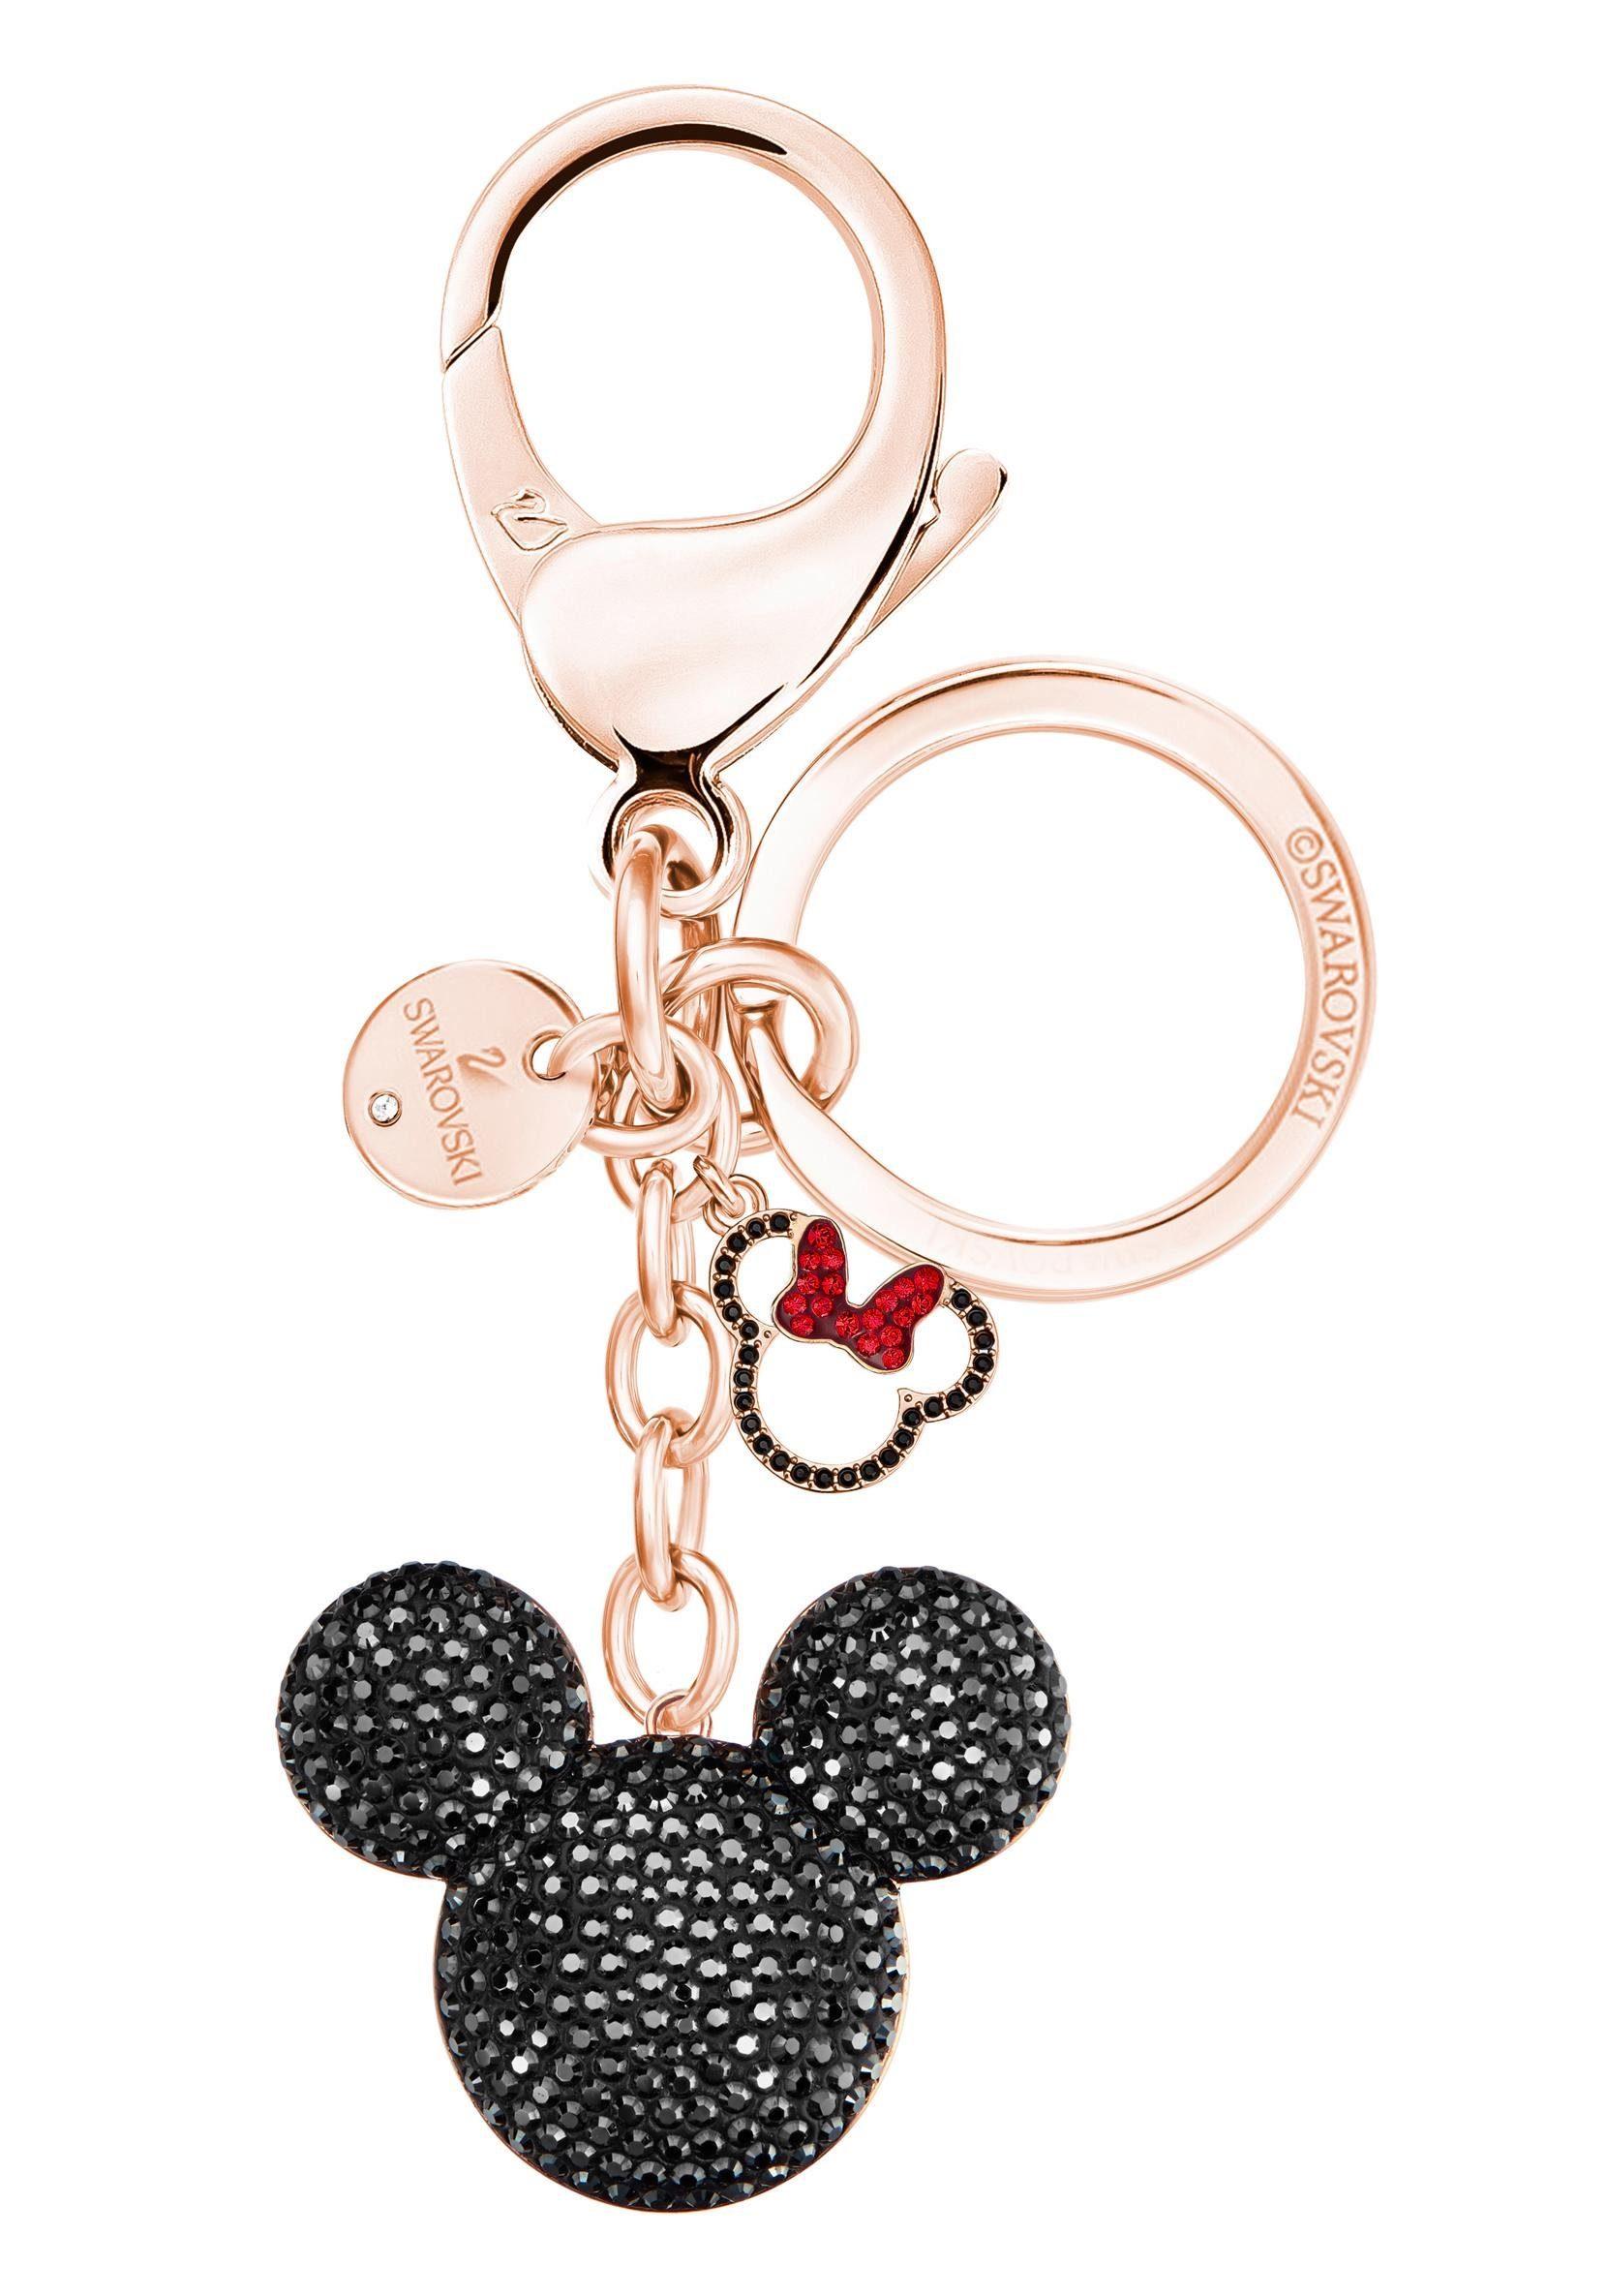 Swarovski Schlüsselanhänger »Mickey Handtaschen-Charm, 5435473« mit Swarovski® Kristallen